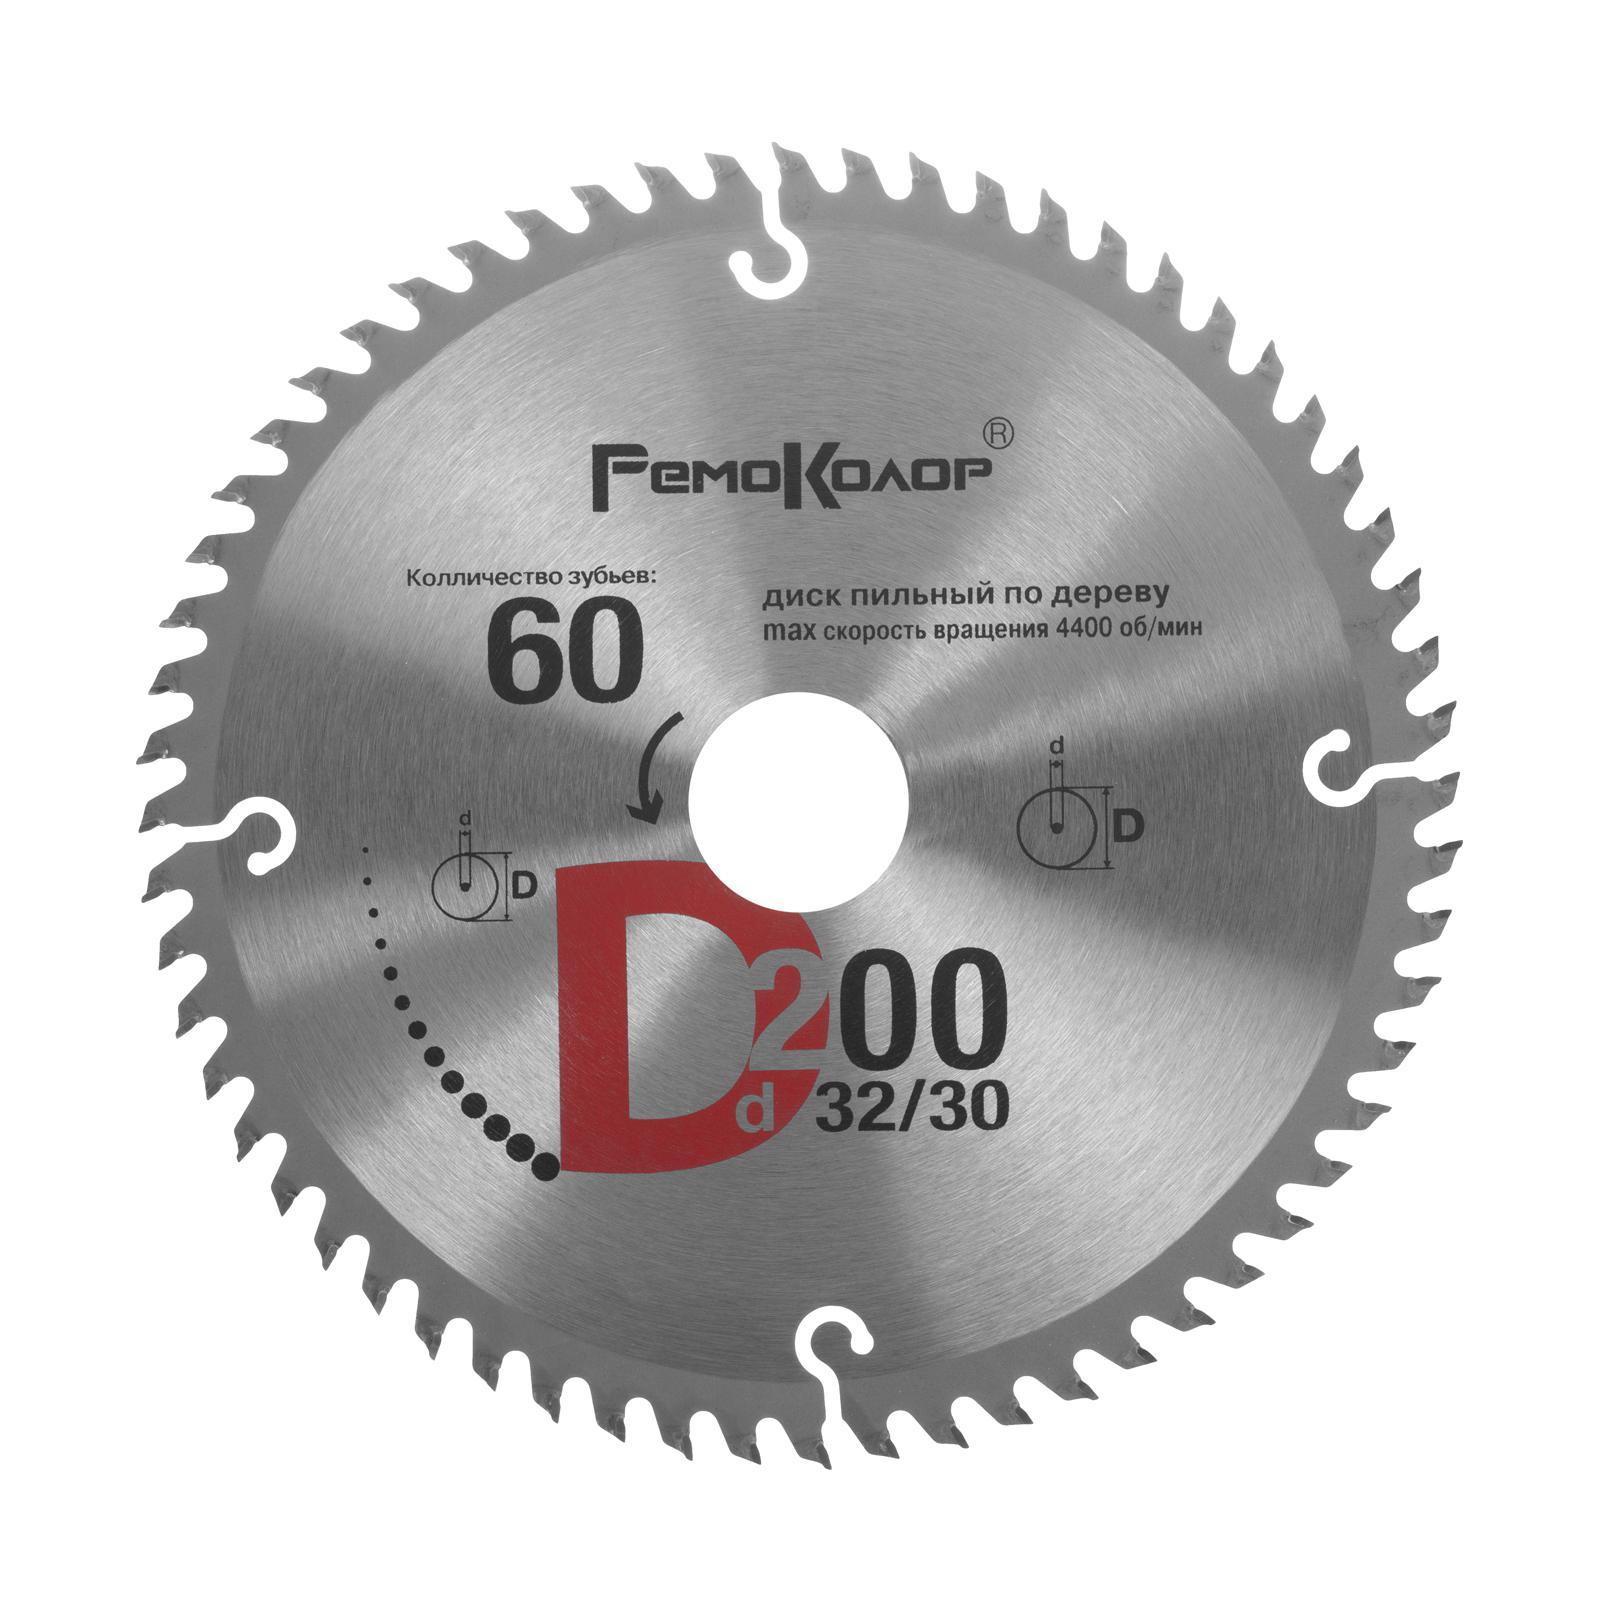 Диск пильный РемоКолор Ф200х32мм 60зуб. (74-1-205)